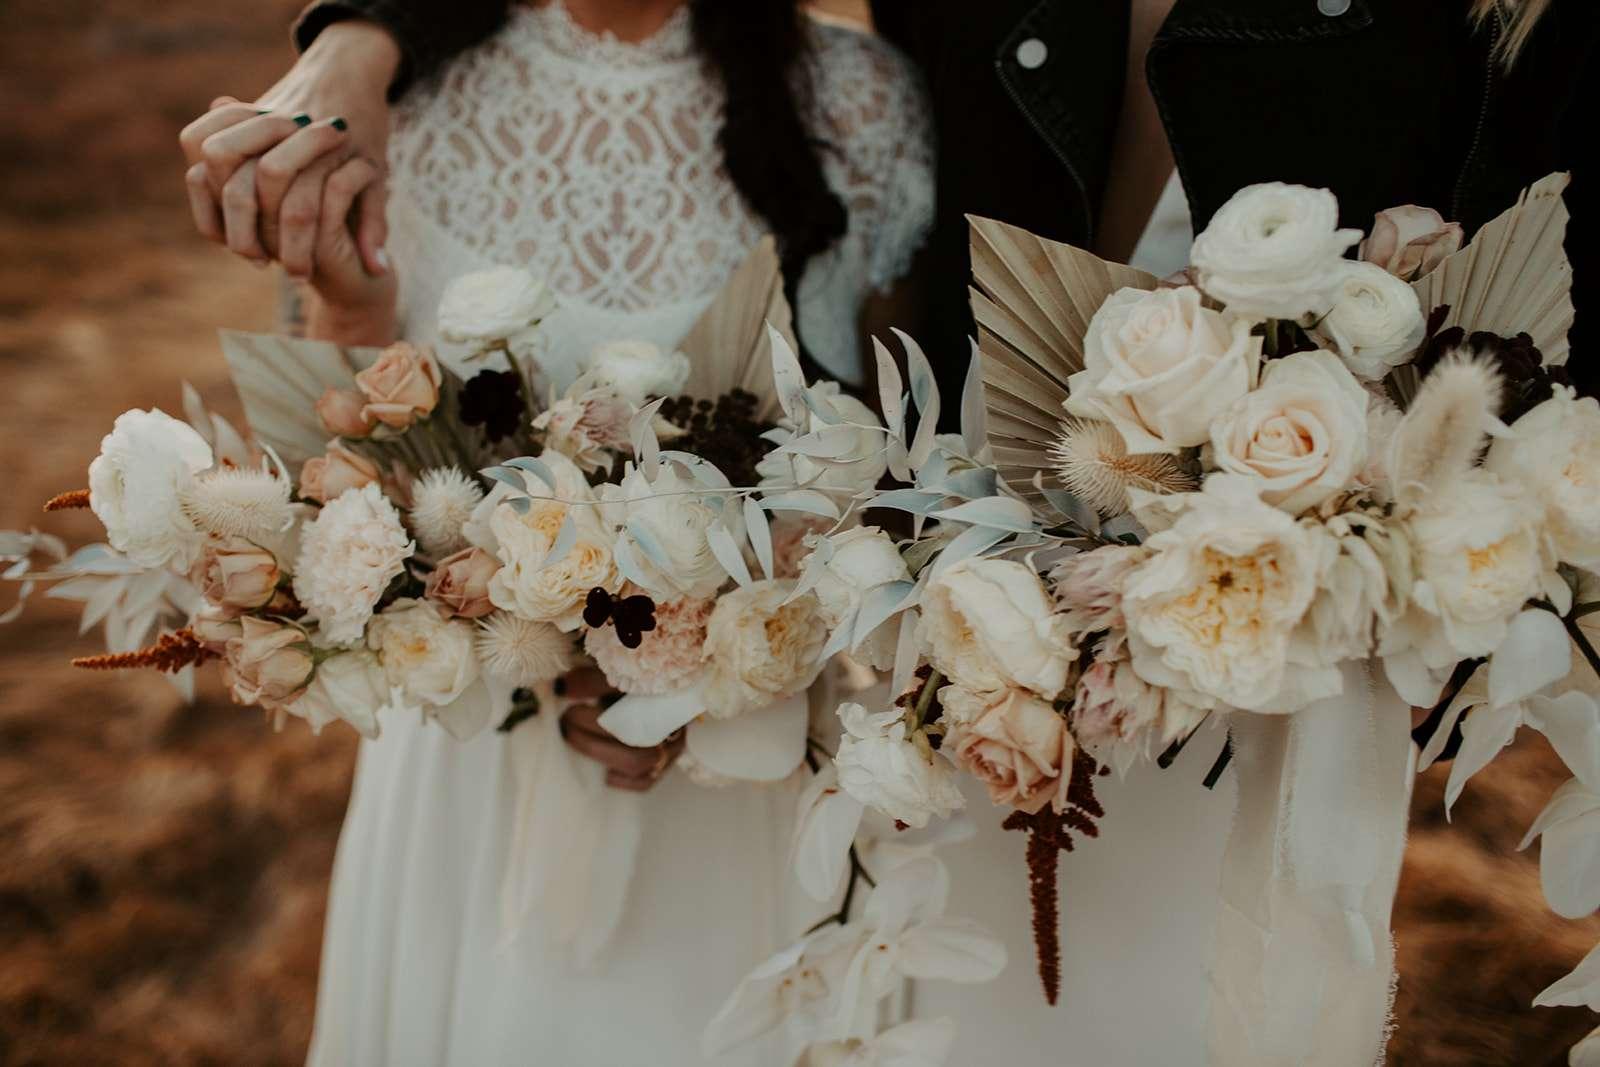 The brides' bouquets